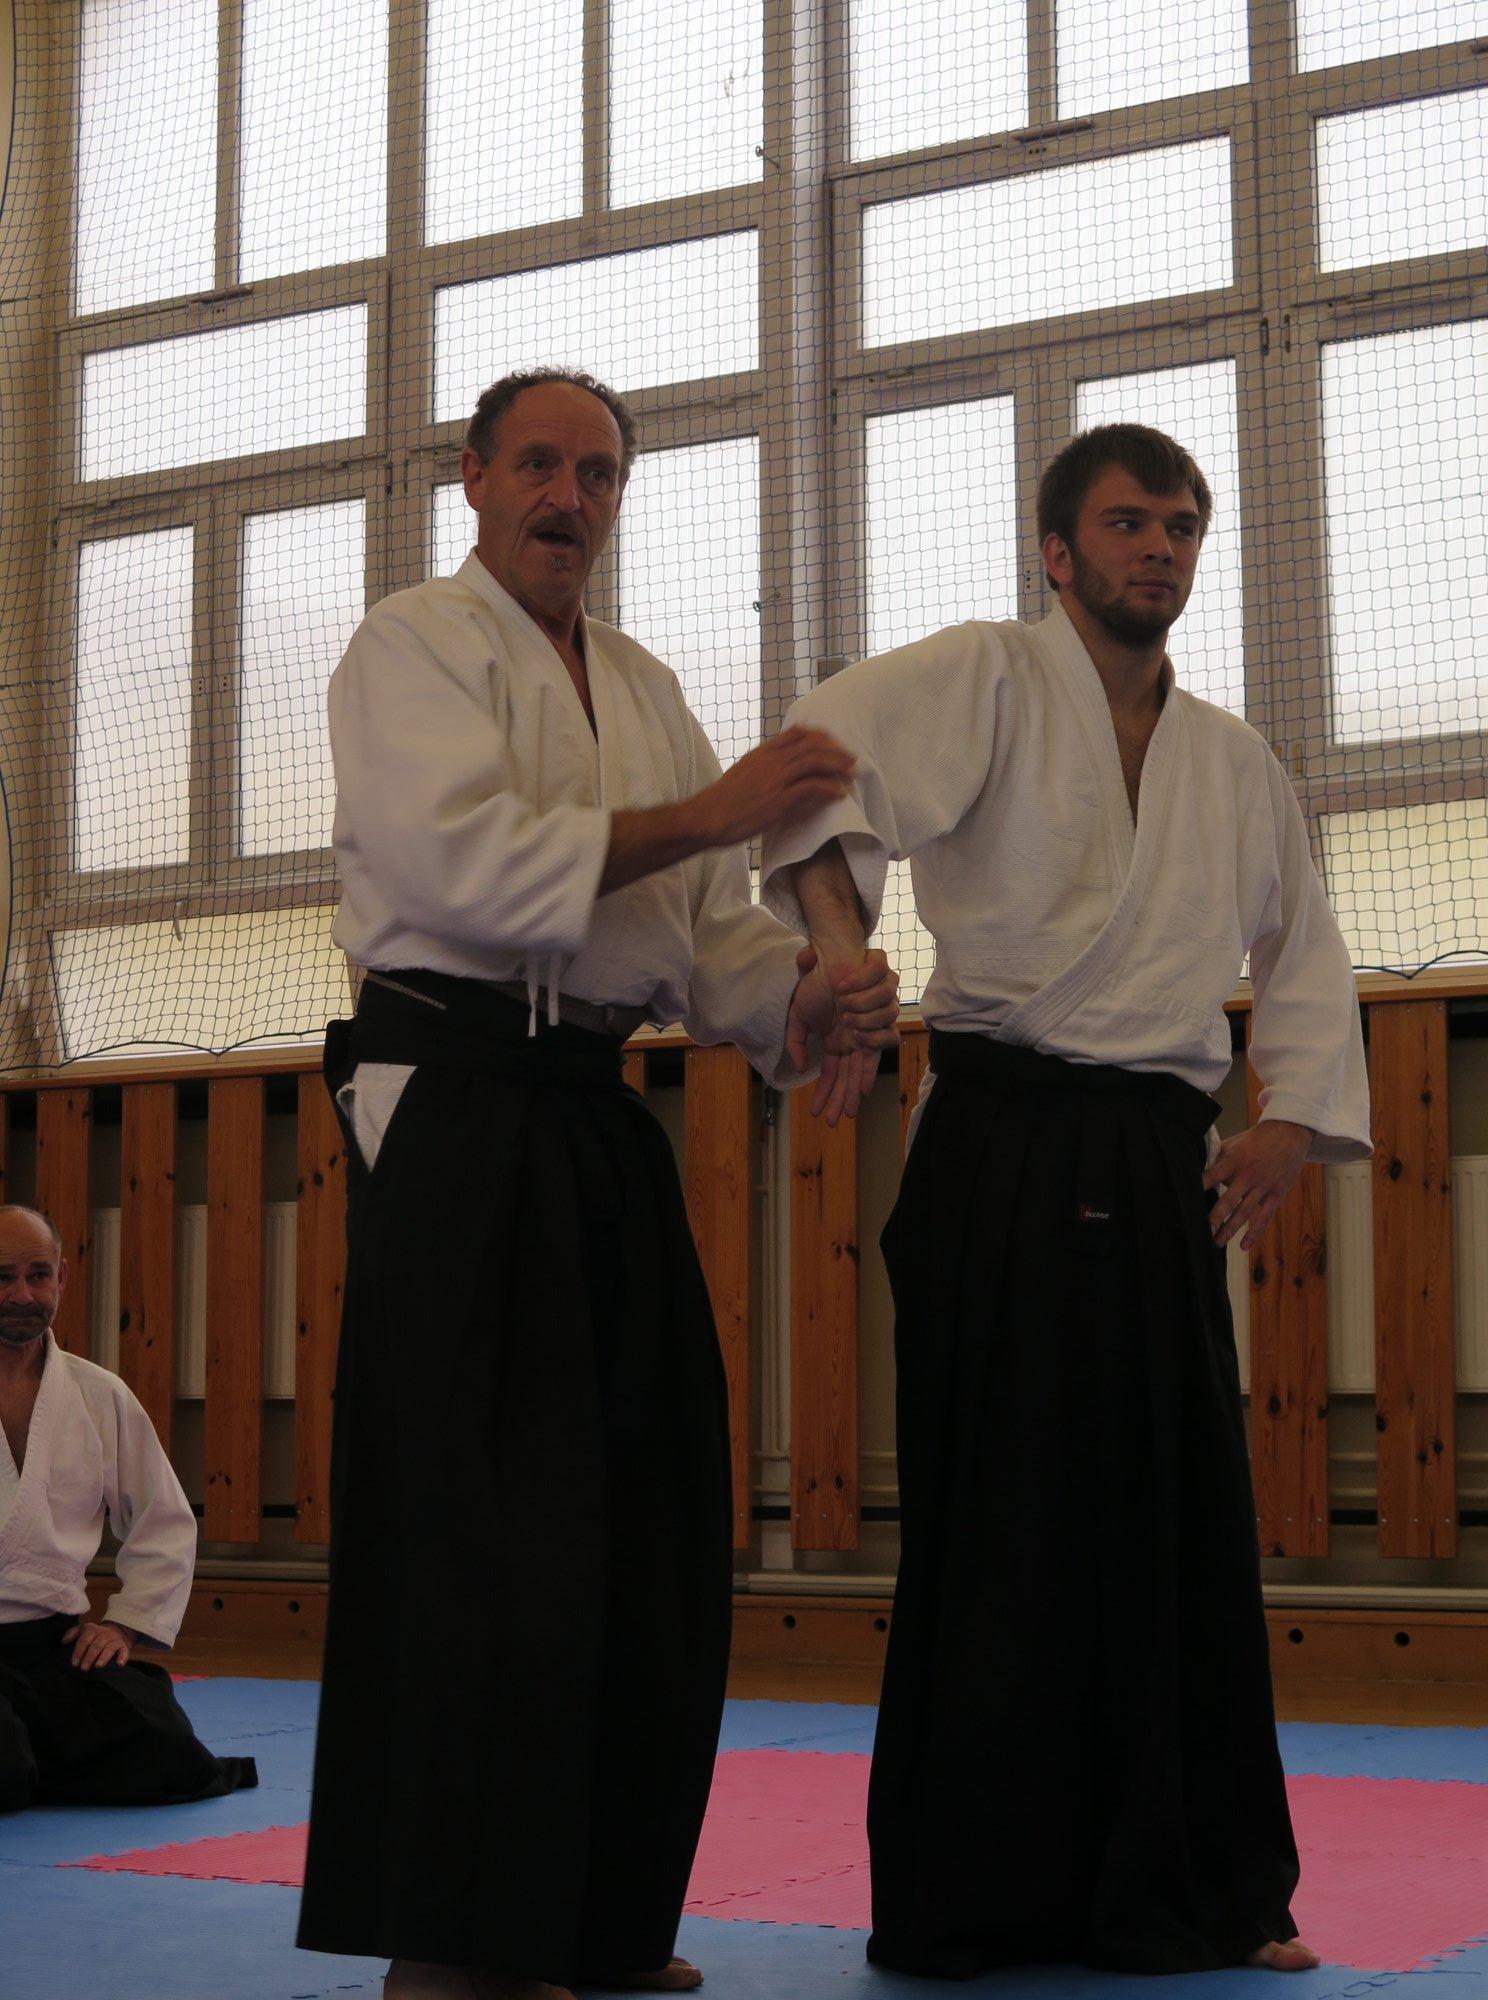 Staż z Antonio Albanese Shihan Super Aikido Lublin Dojo Nałkowskich (18)